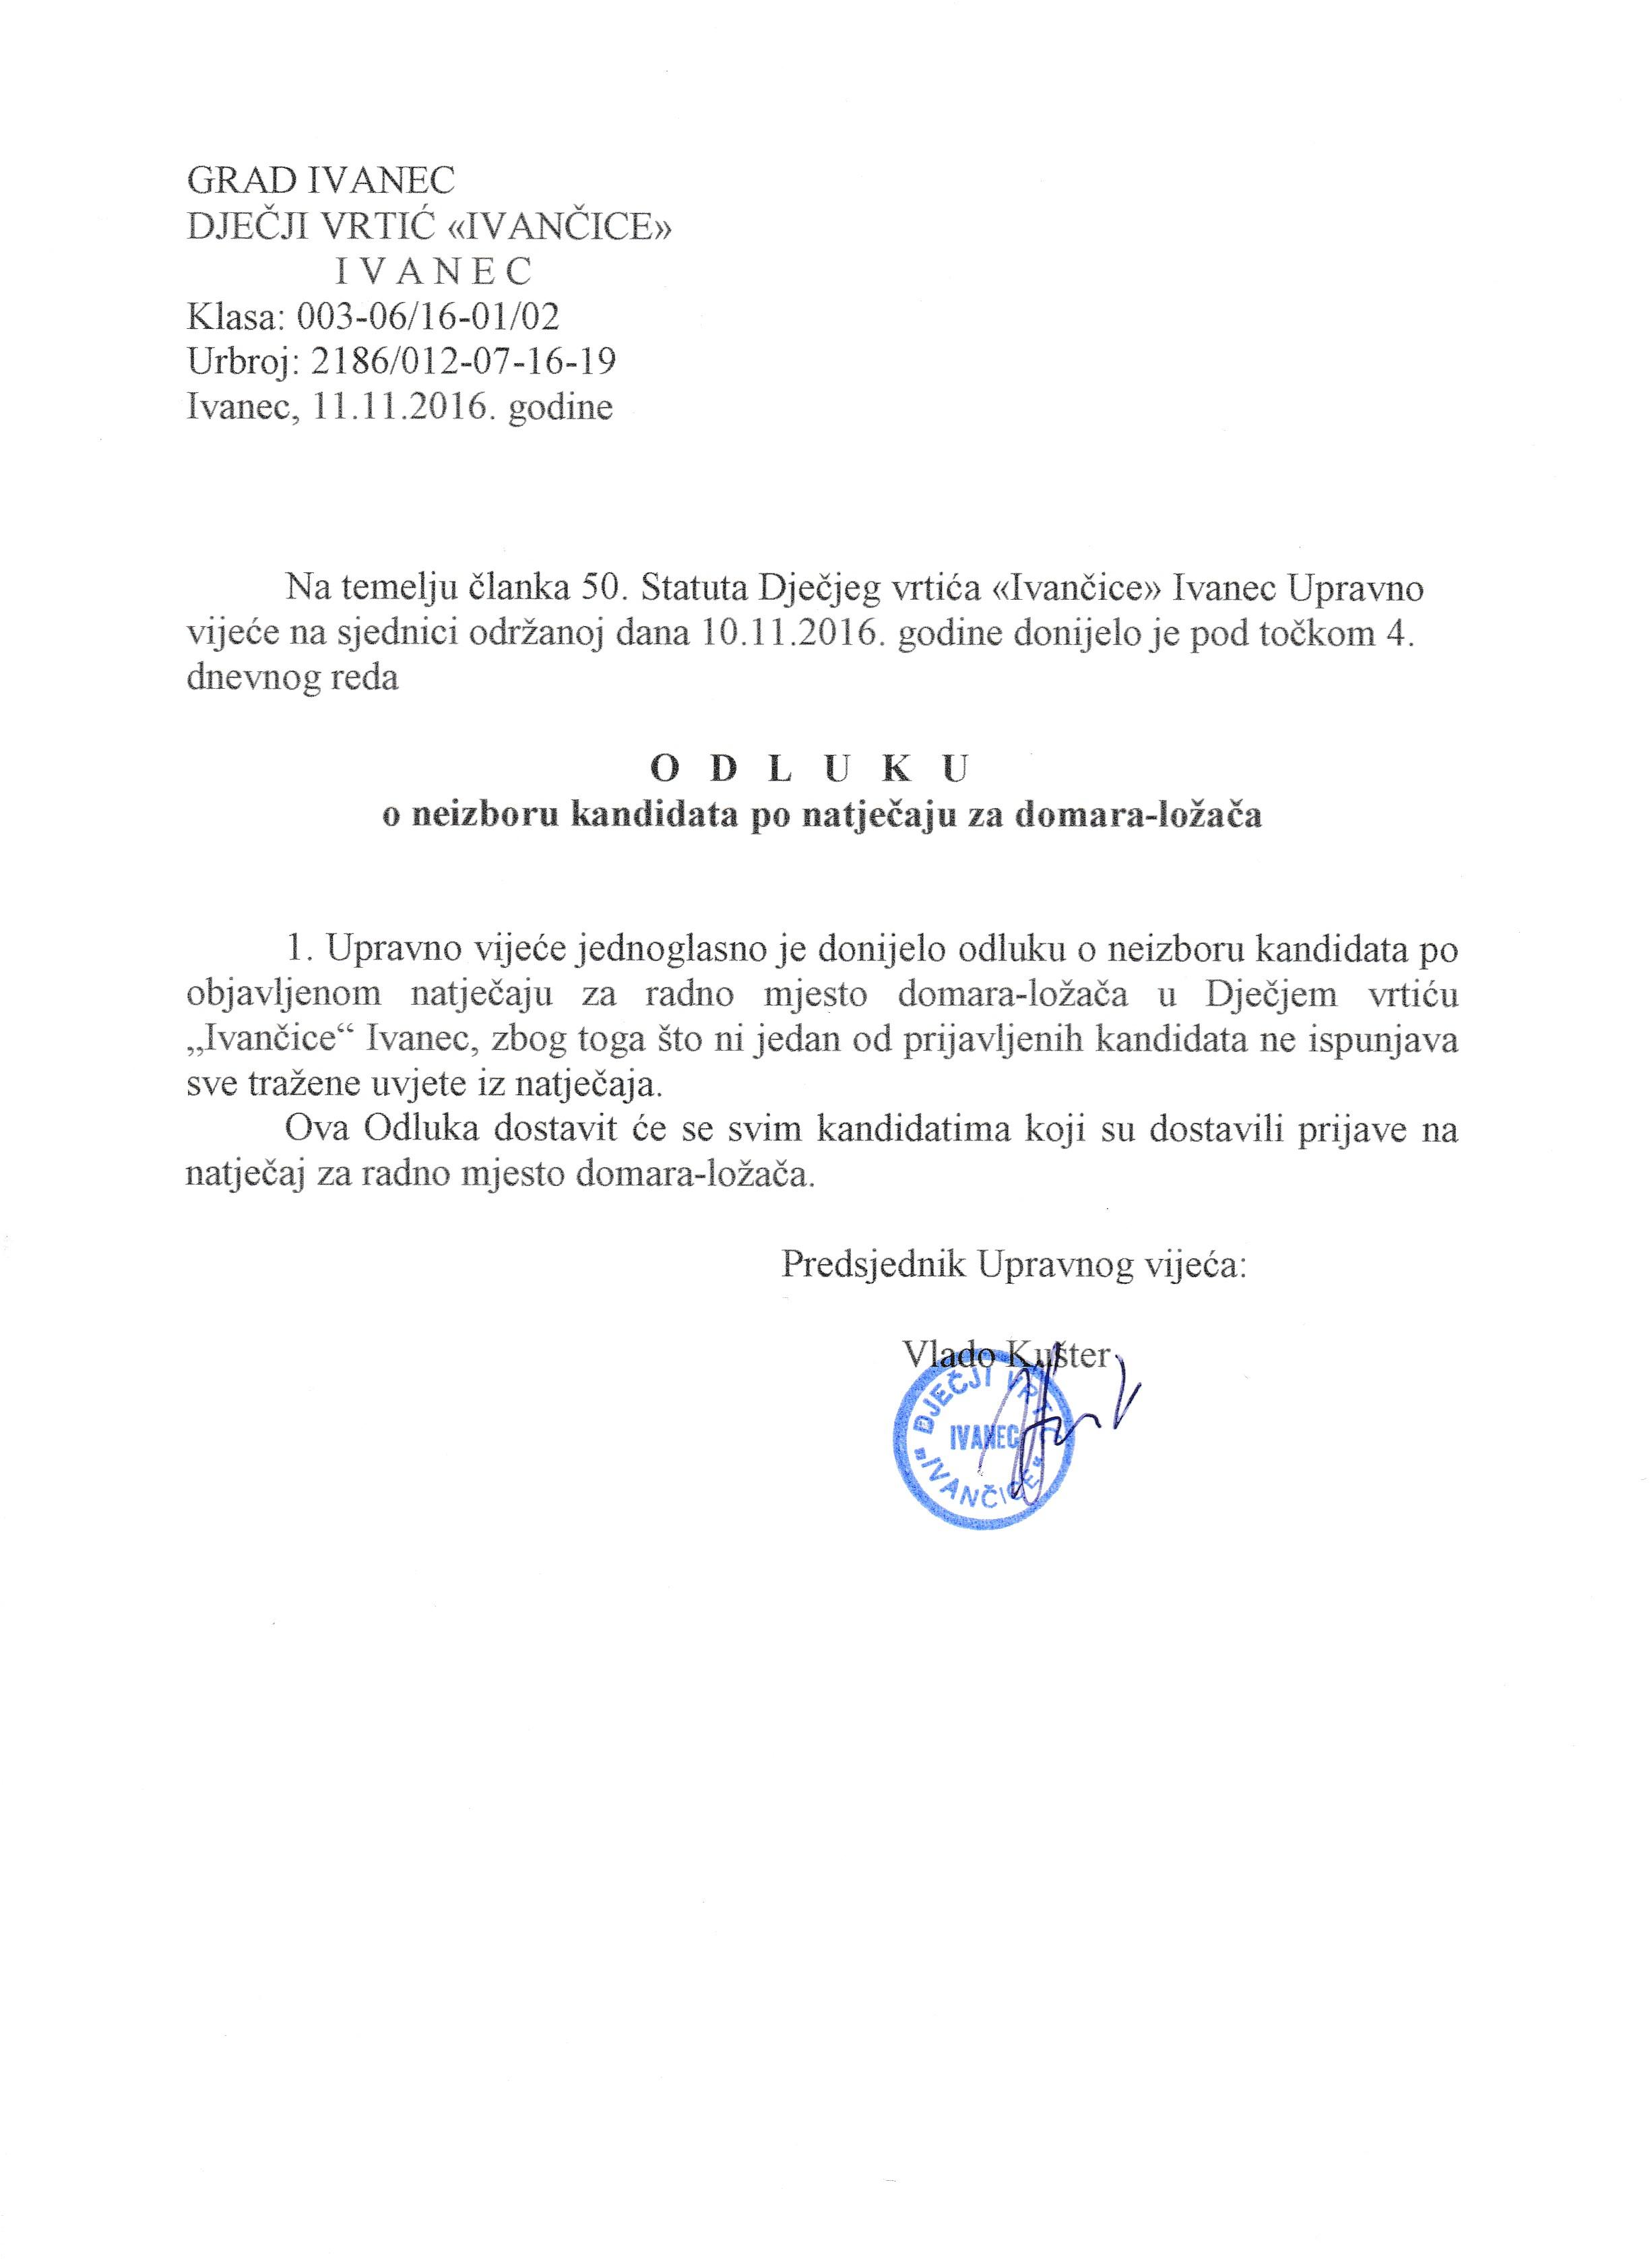 Odluka o neizboru kandidata po objavljenom natječaju za radno mjesto domara-ložača